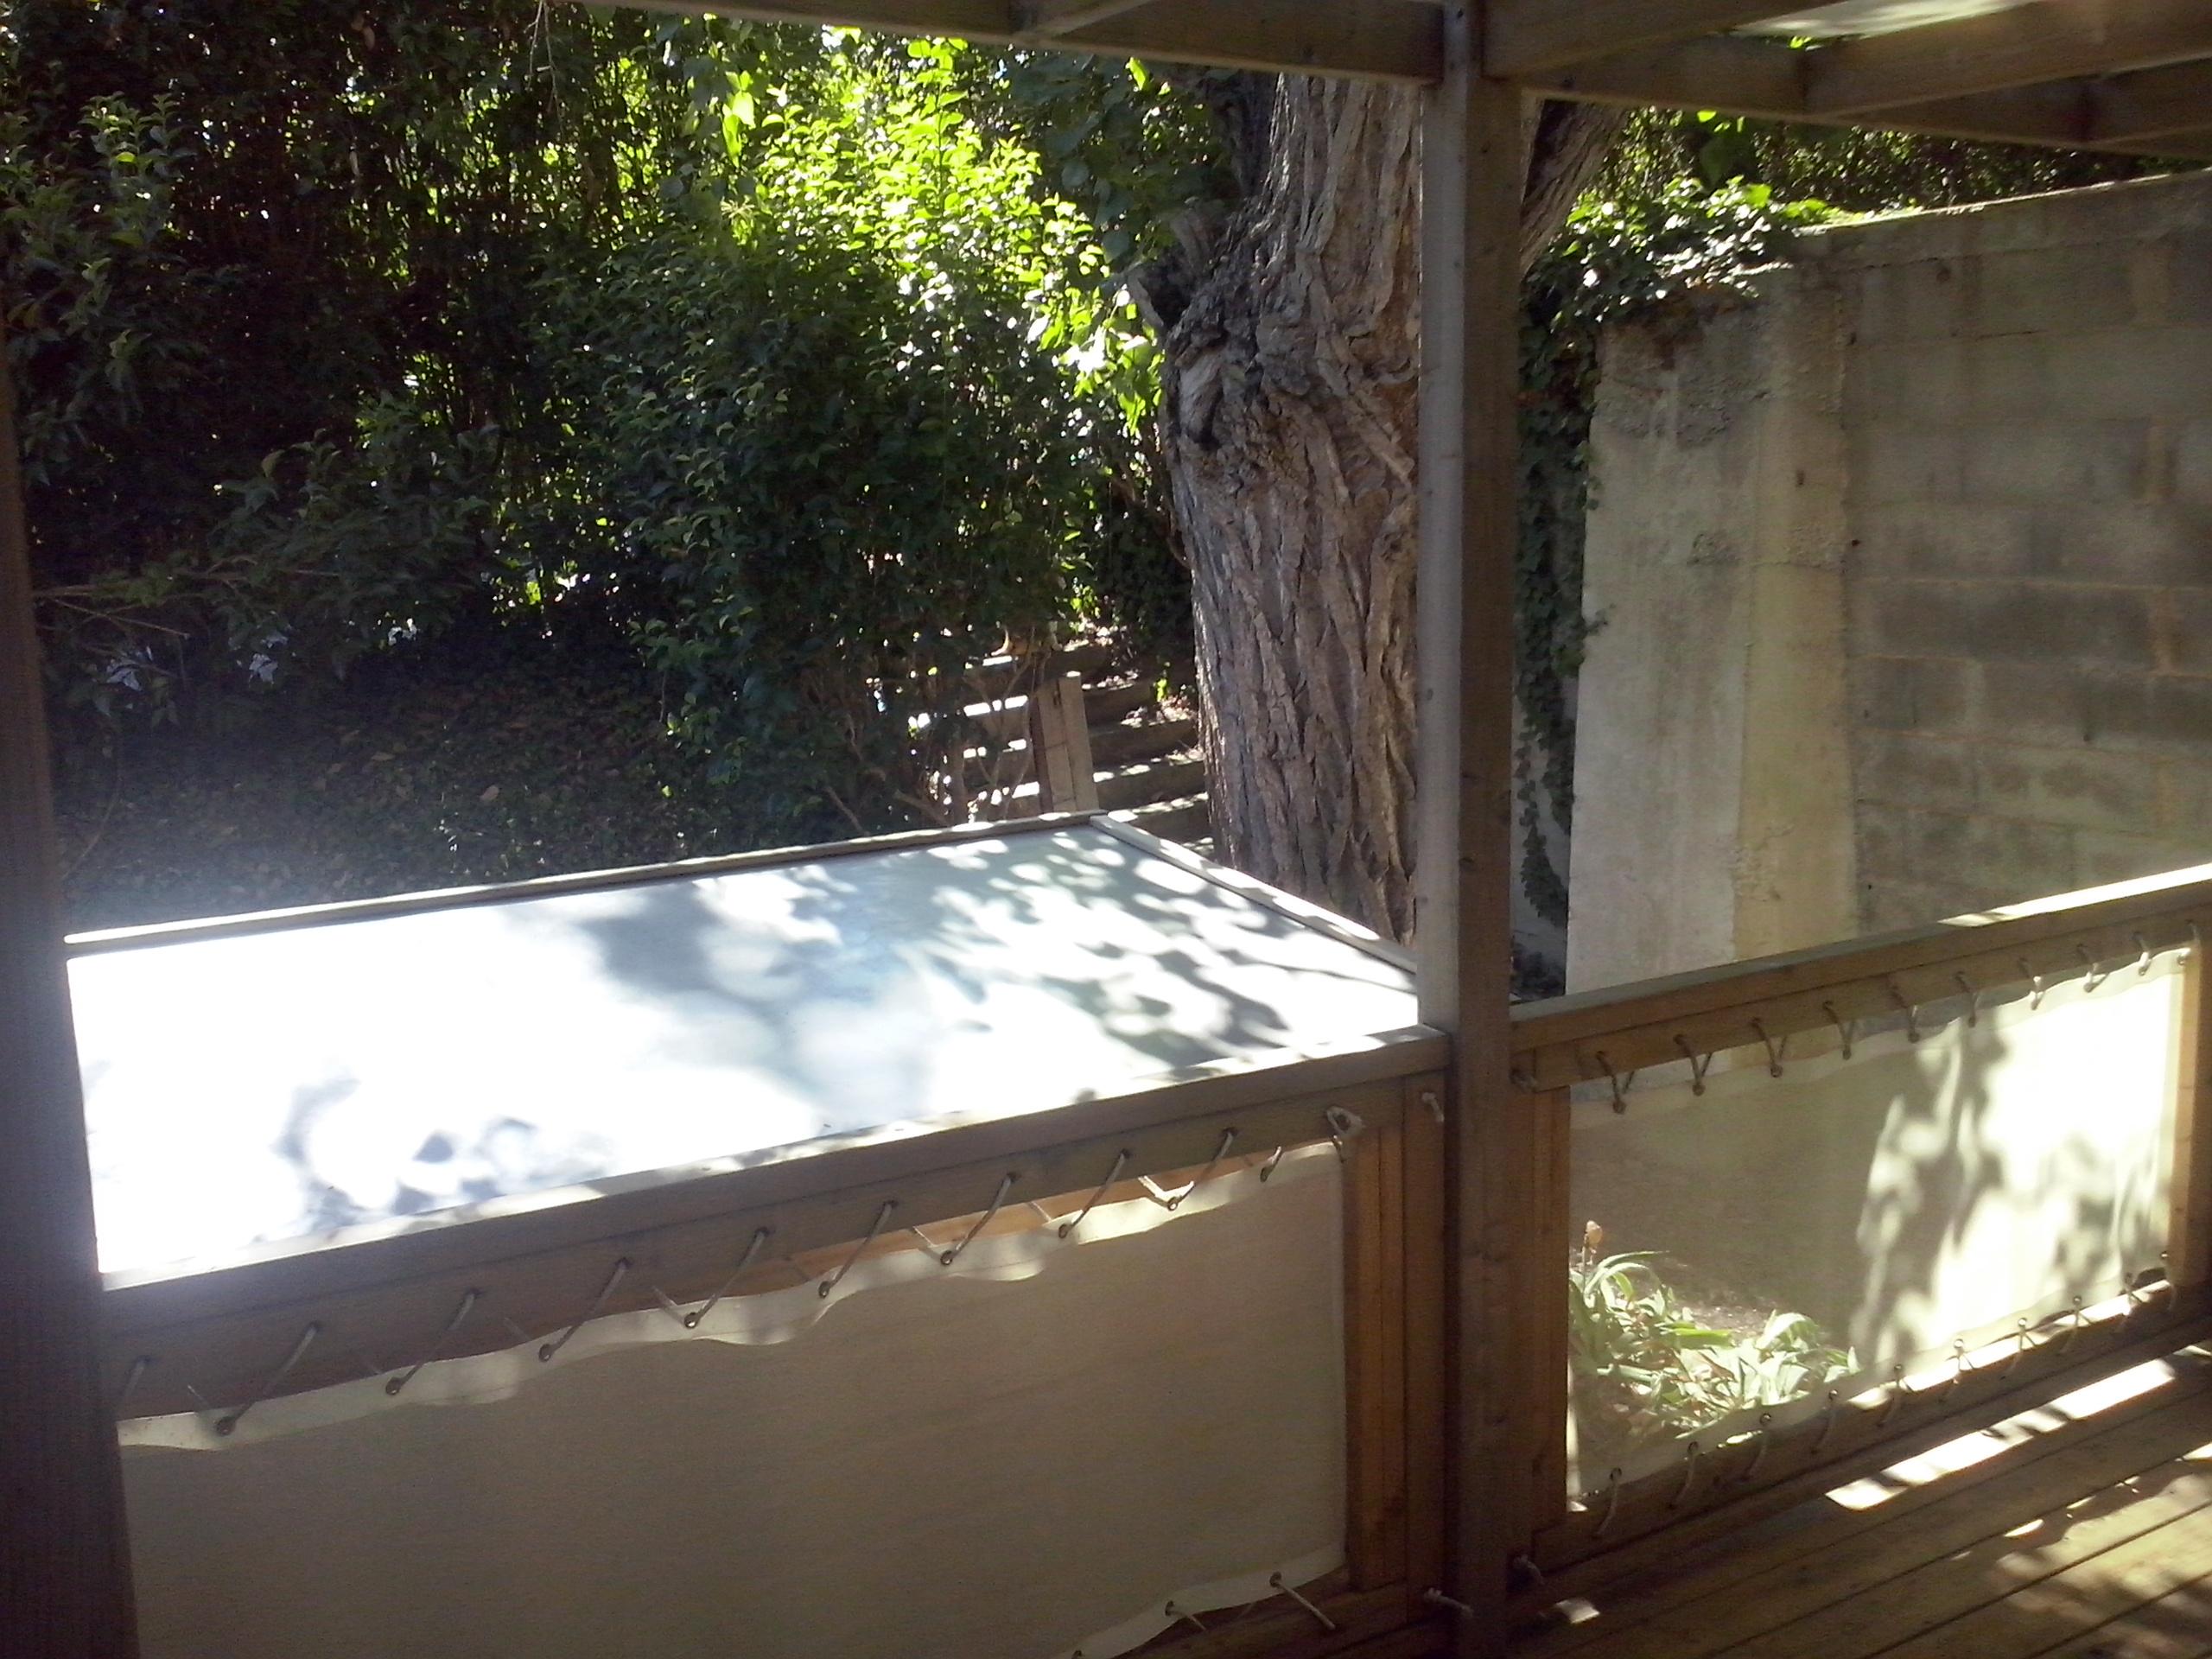 SunRoller année 2007 – 2 chambres – 2 terrasses – sur parcelle